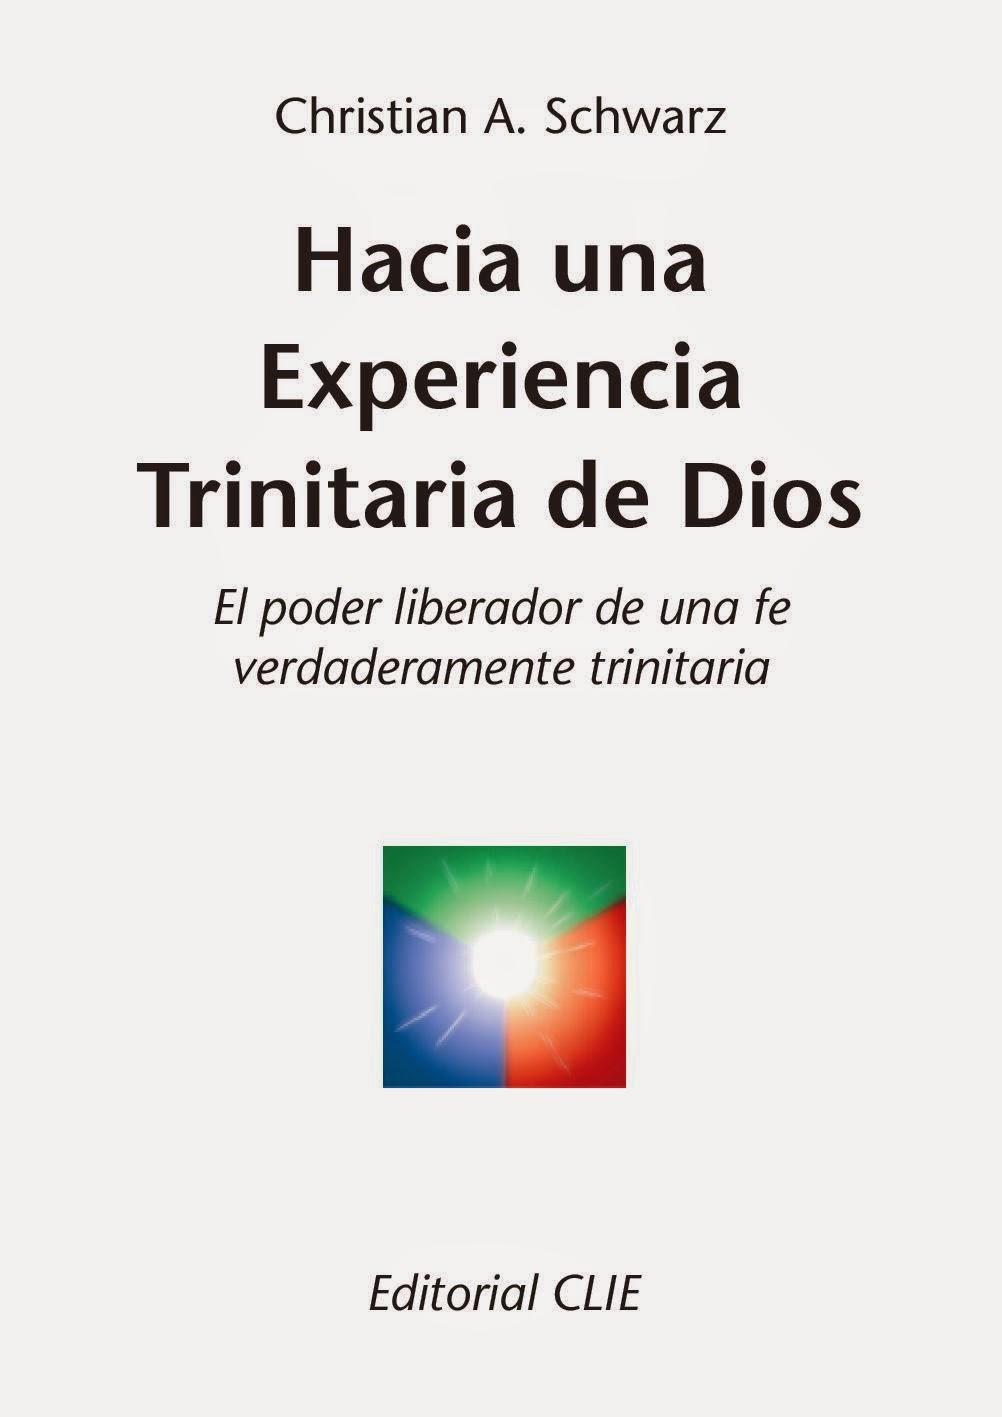 Christian A. Schwarz-Hacia Una Experiencia Trinitaria De Dios-